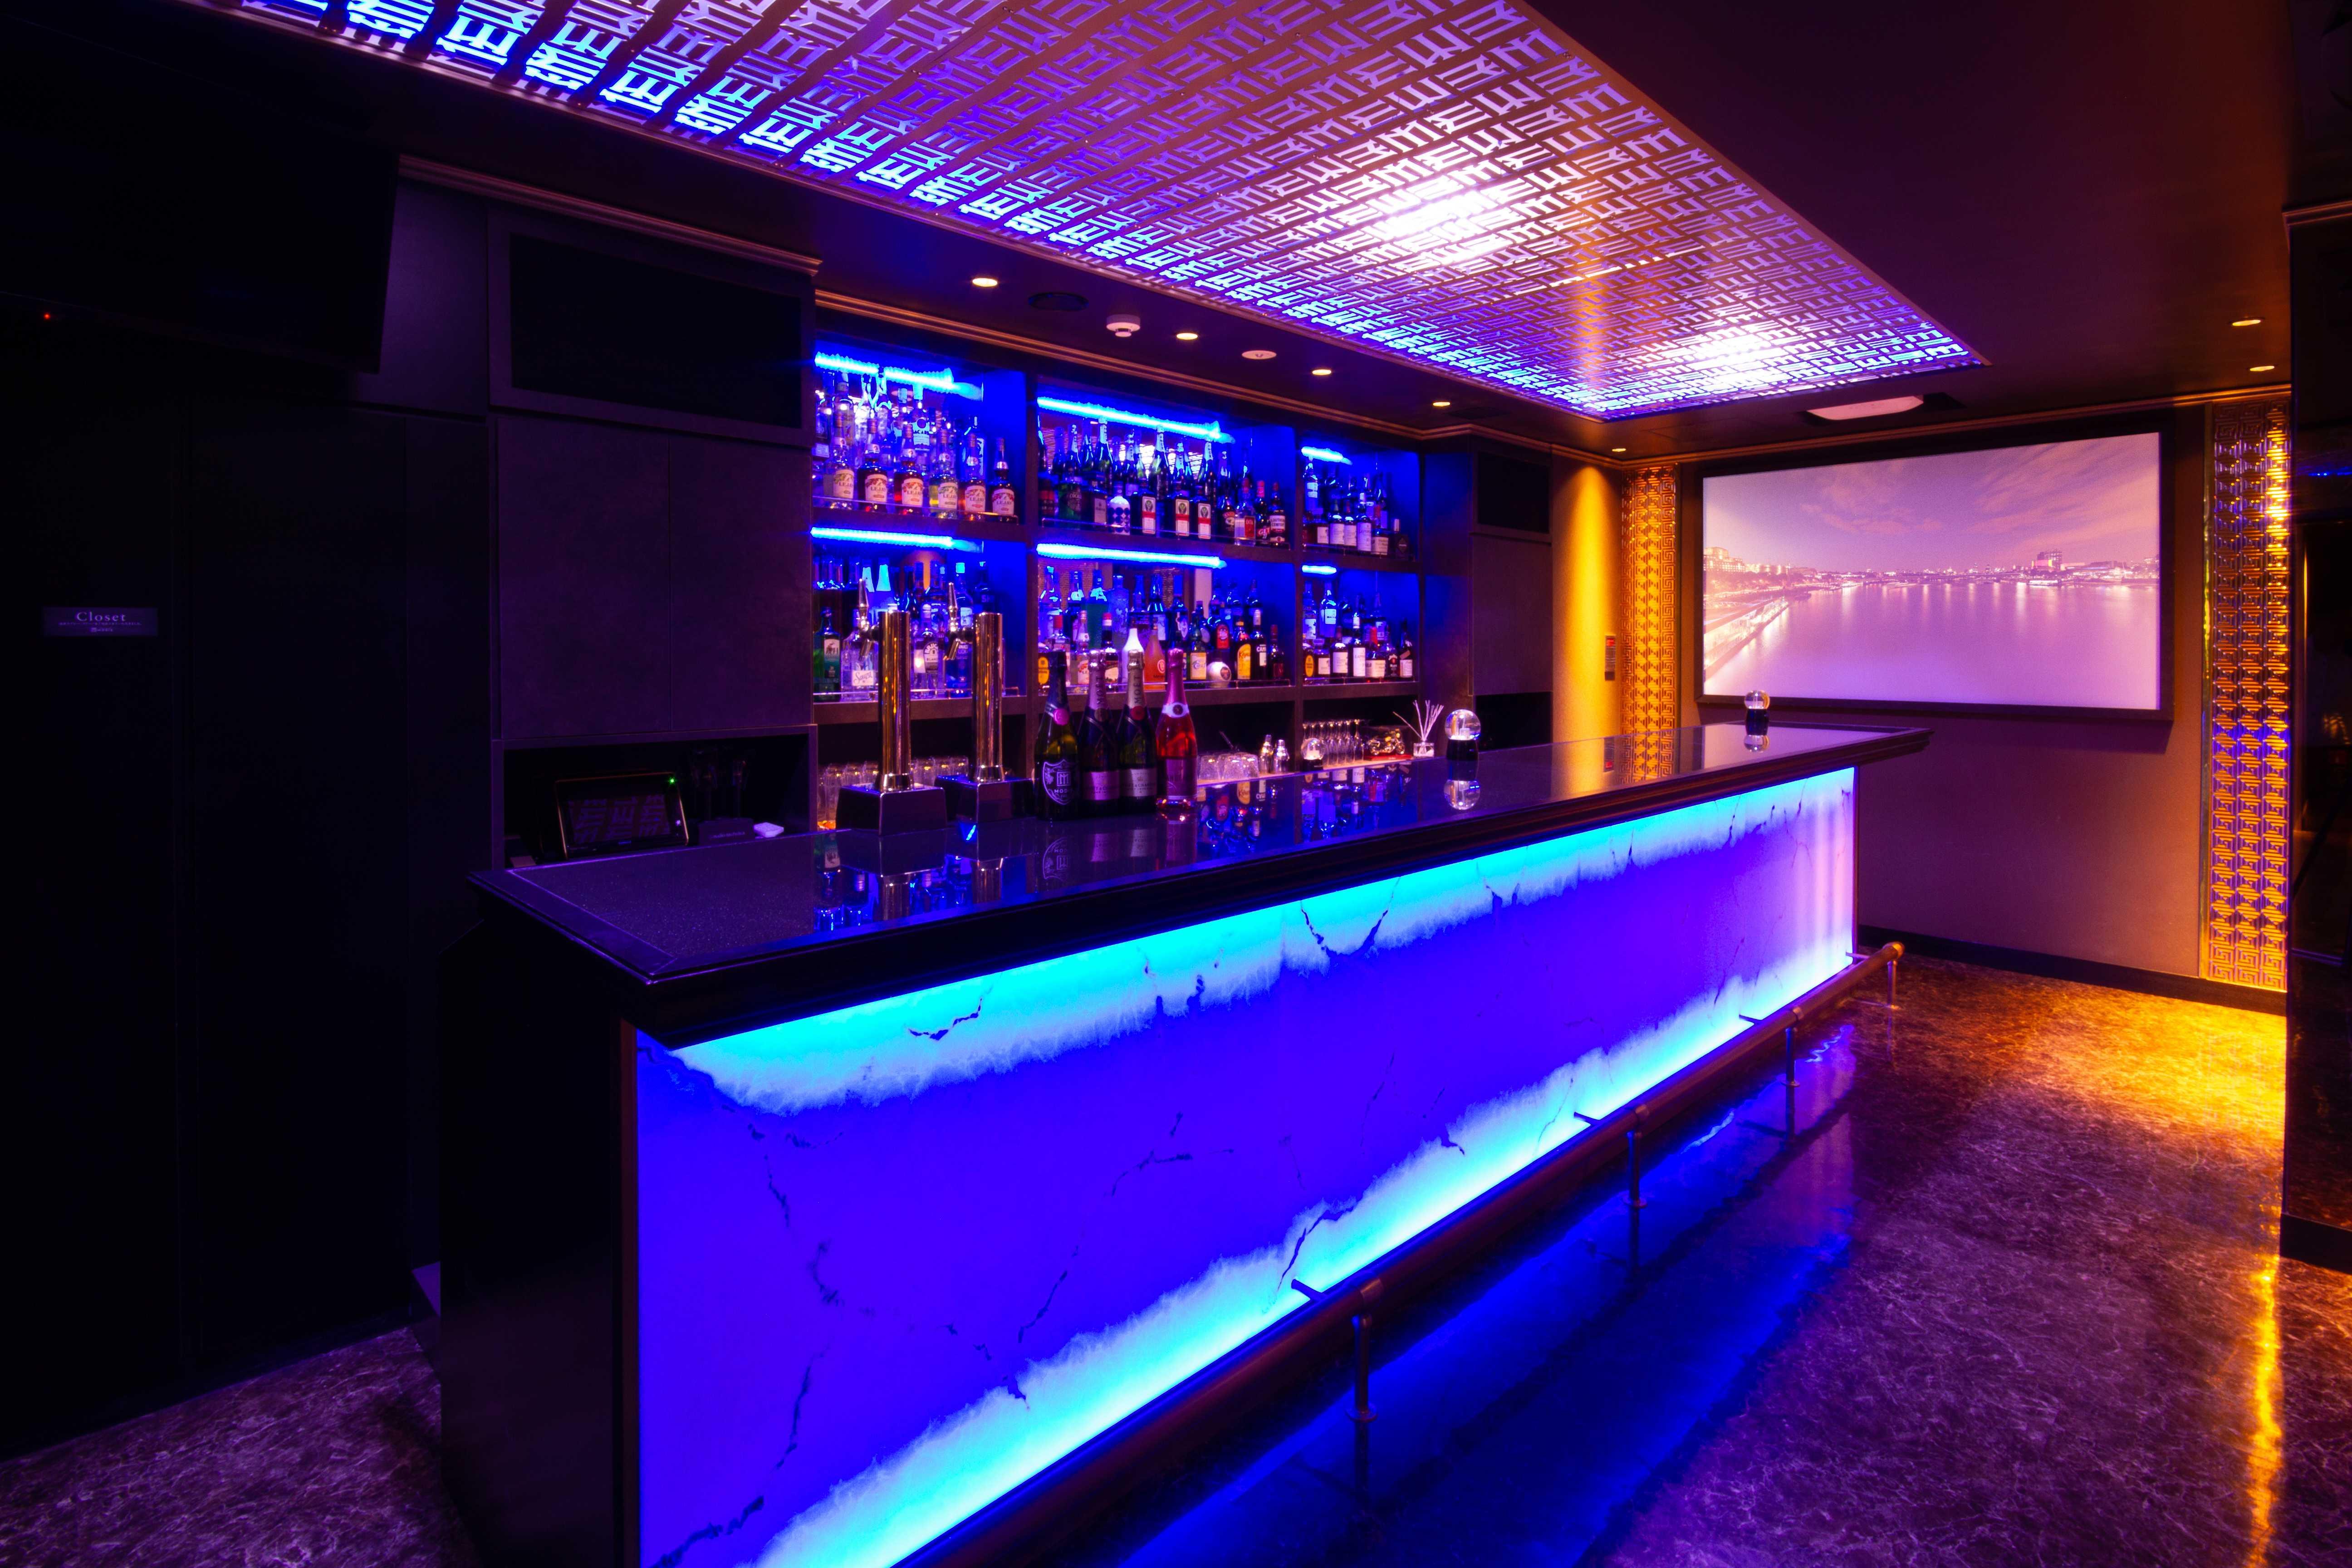 ドラマや雑誌のロケなどでも使用されたスペースです。雰囲気のある空間でイベントやパーティーでもご利用いただけます。